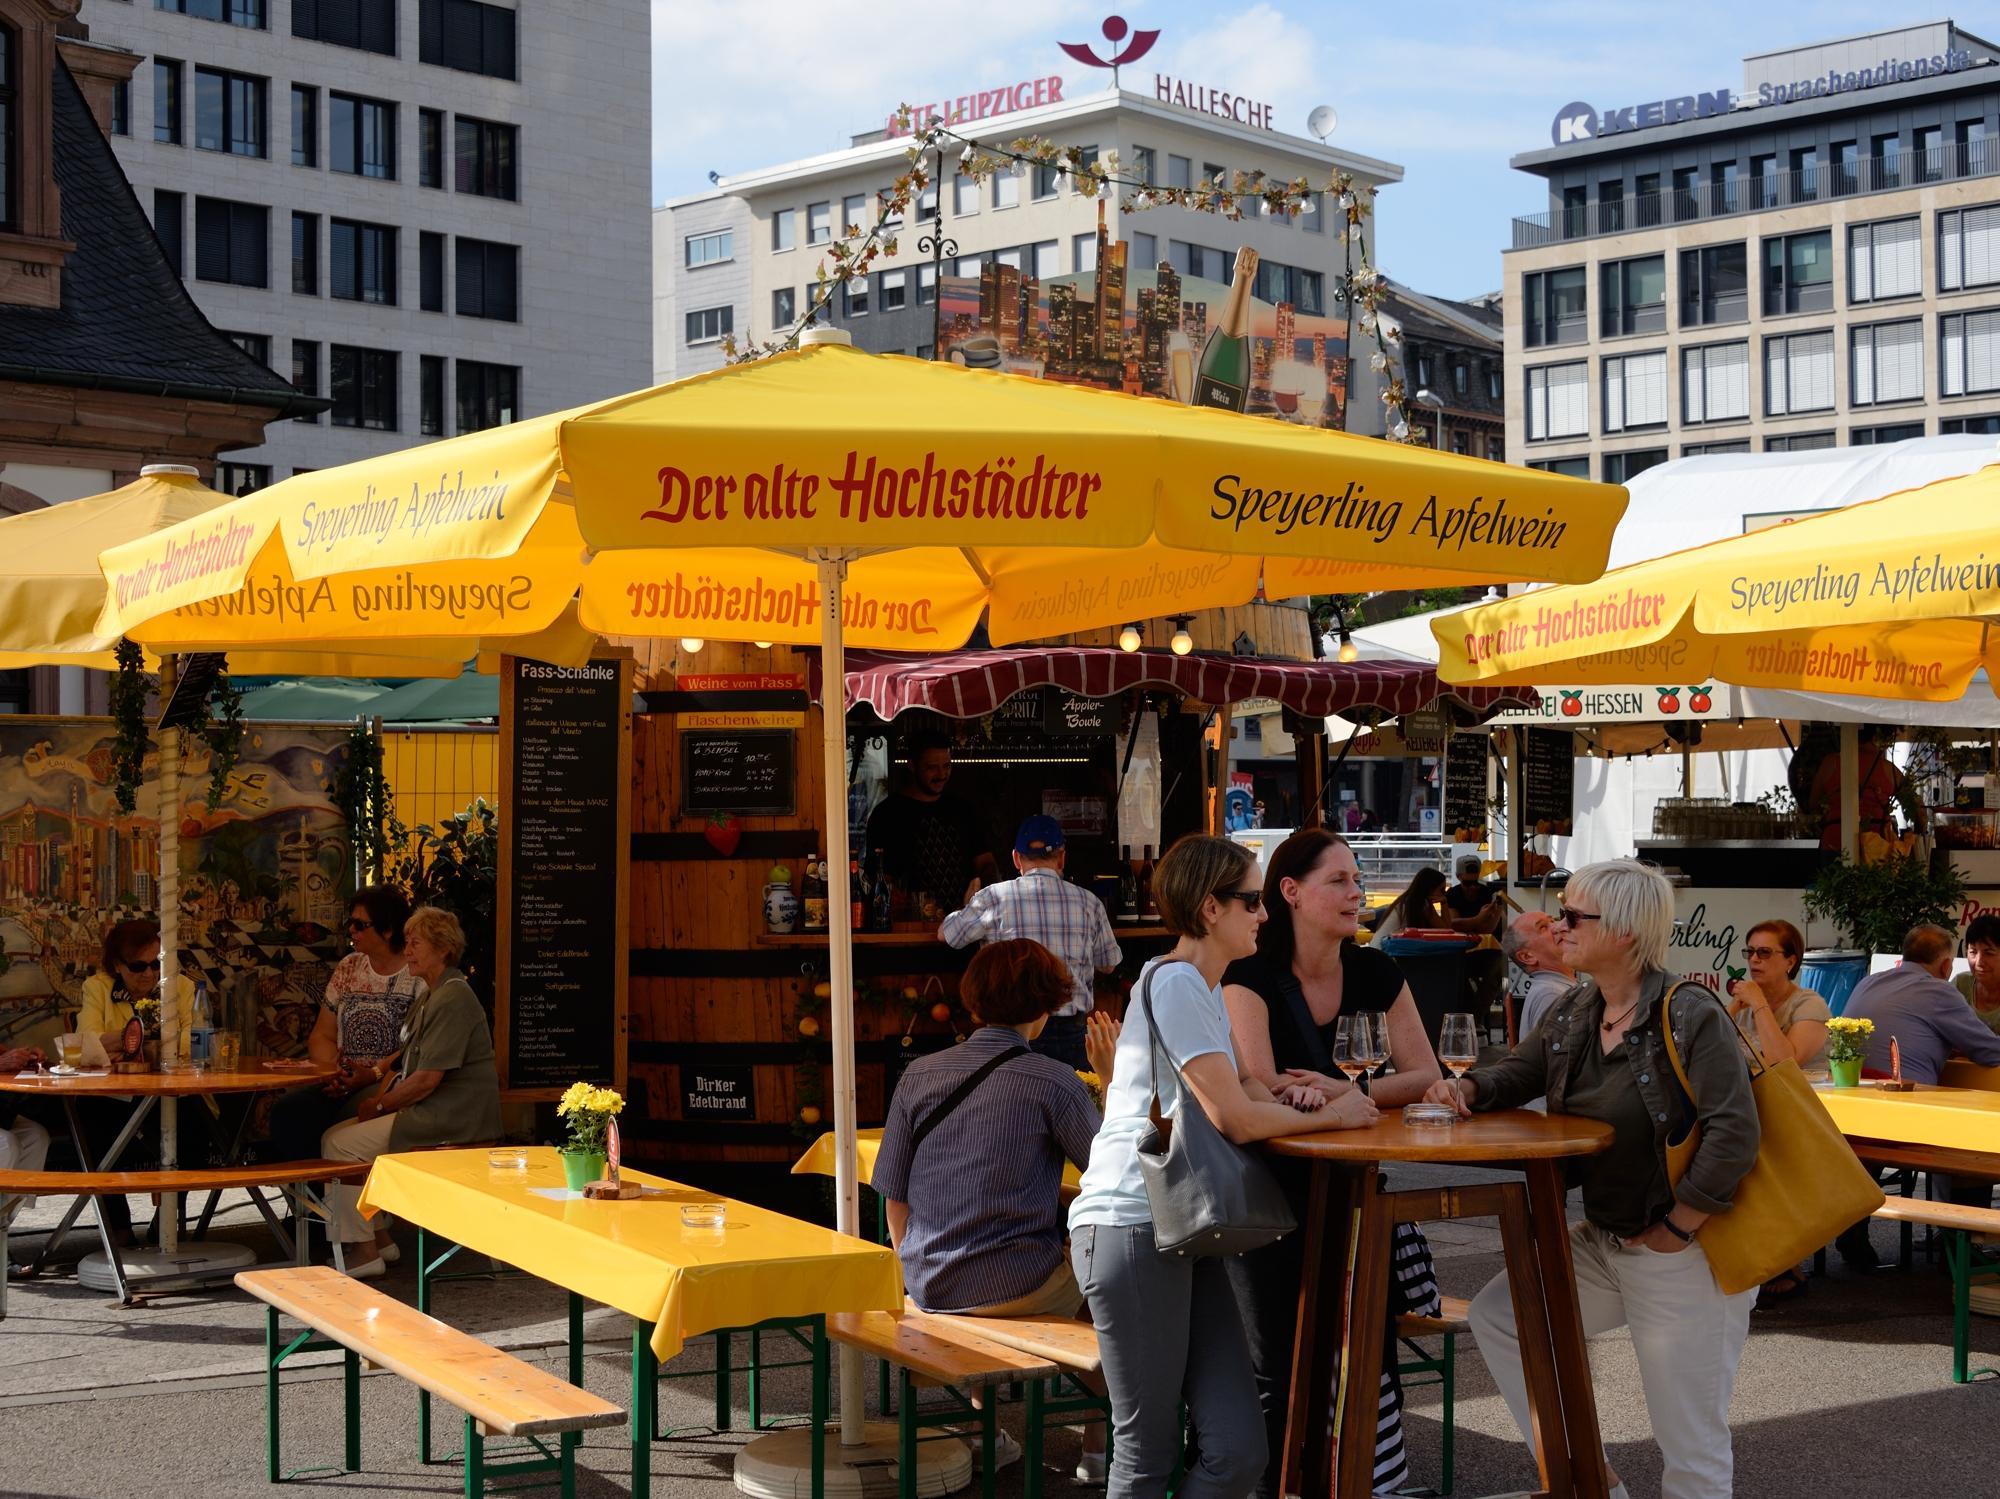 344_Hochstadter_1662.jpg